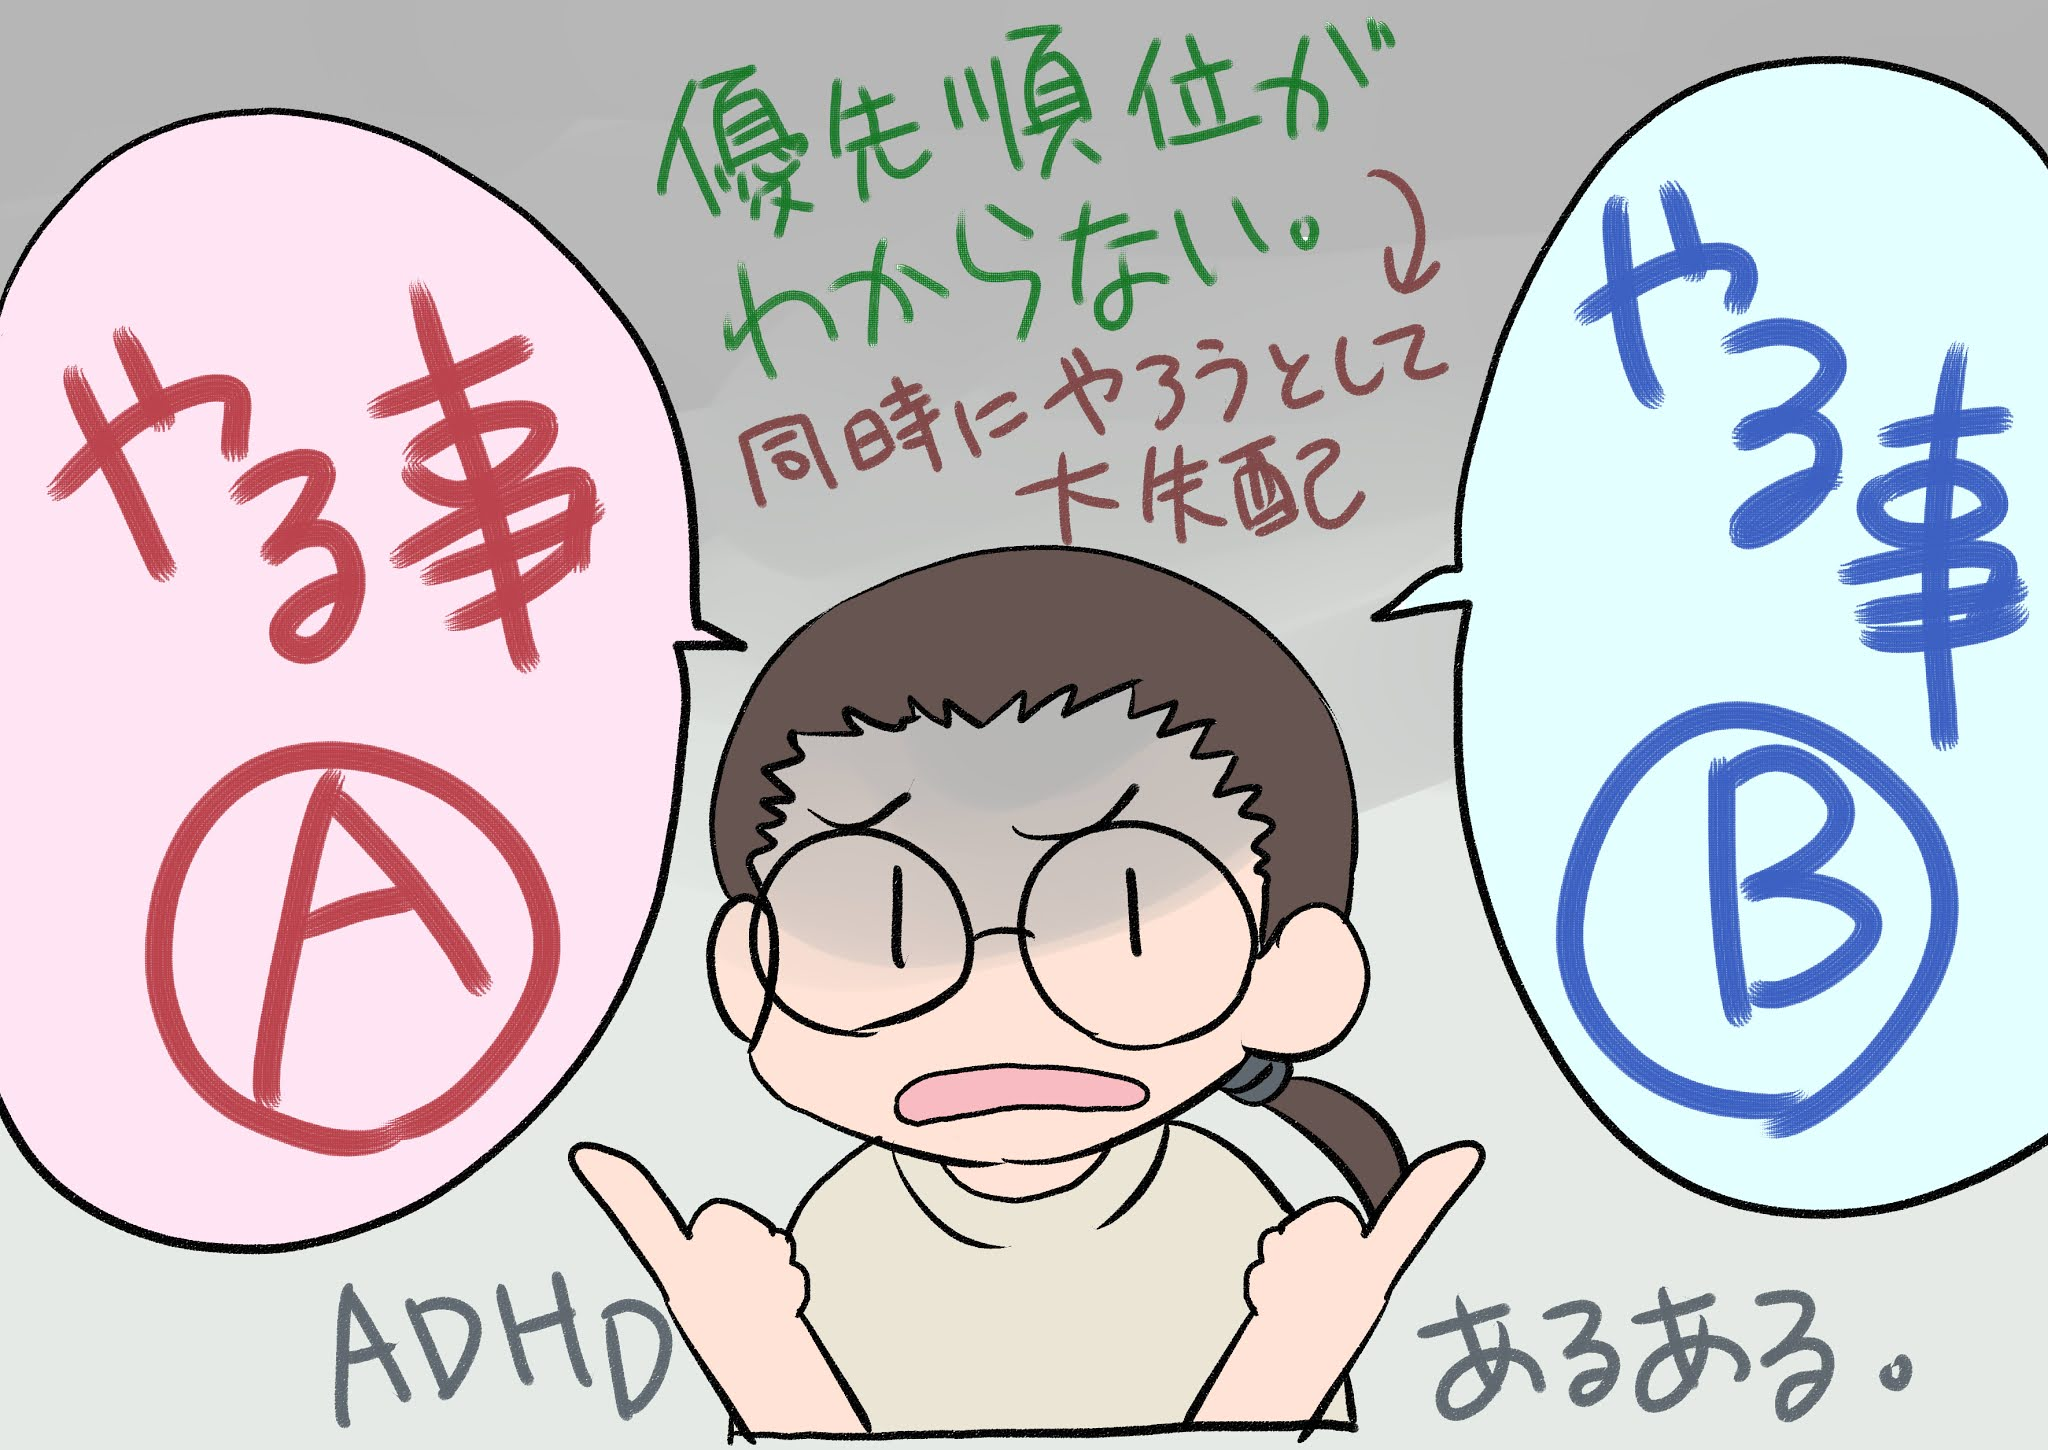 ADHDは複数の事が一気に考えられない。